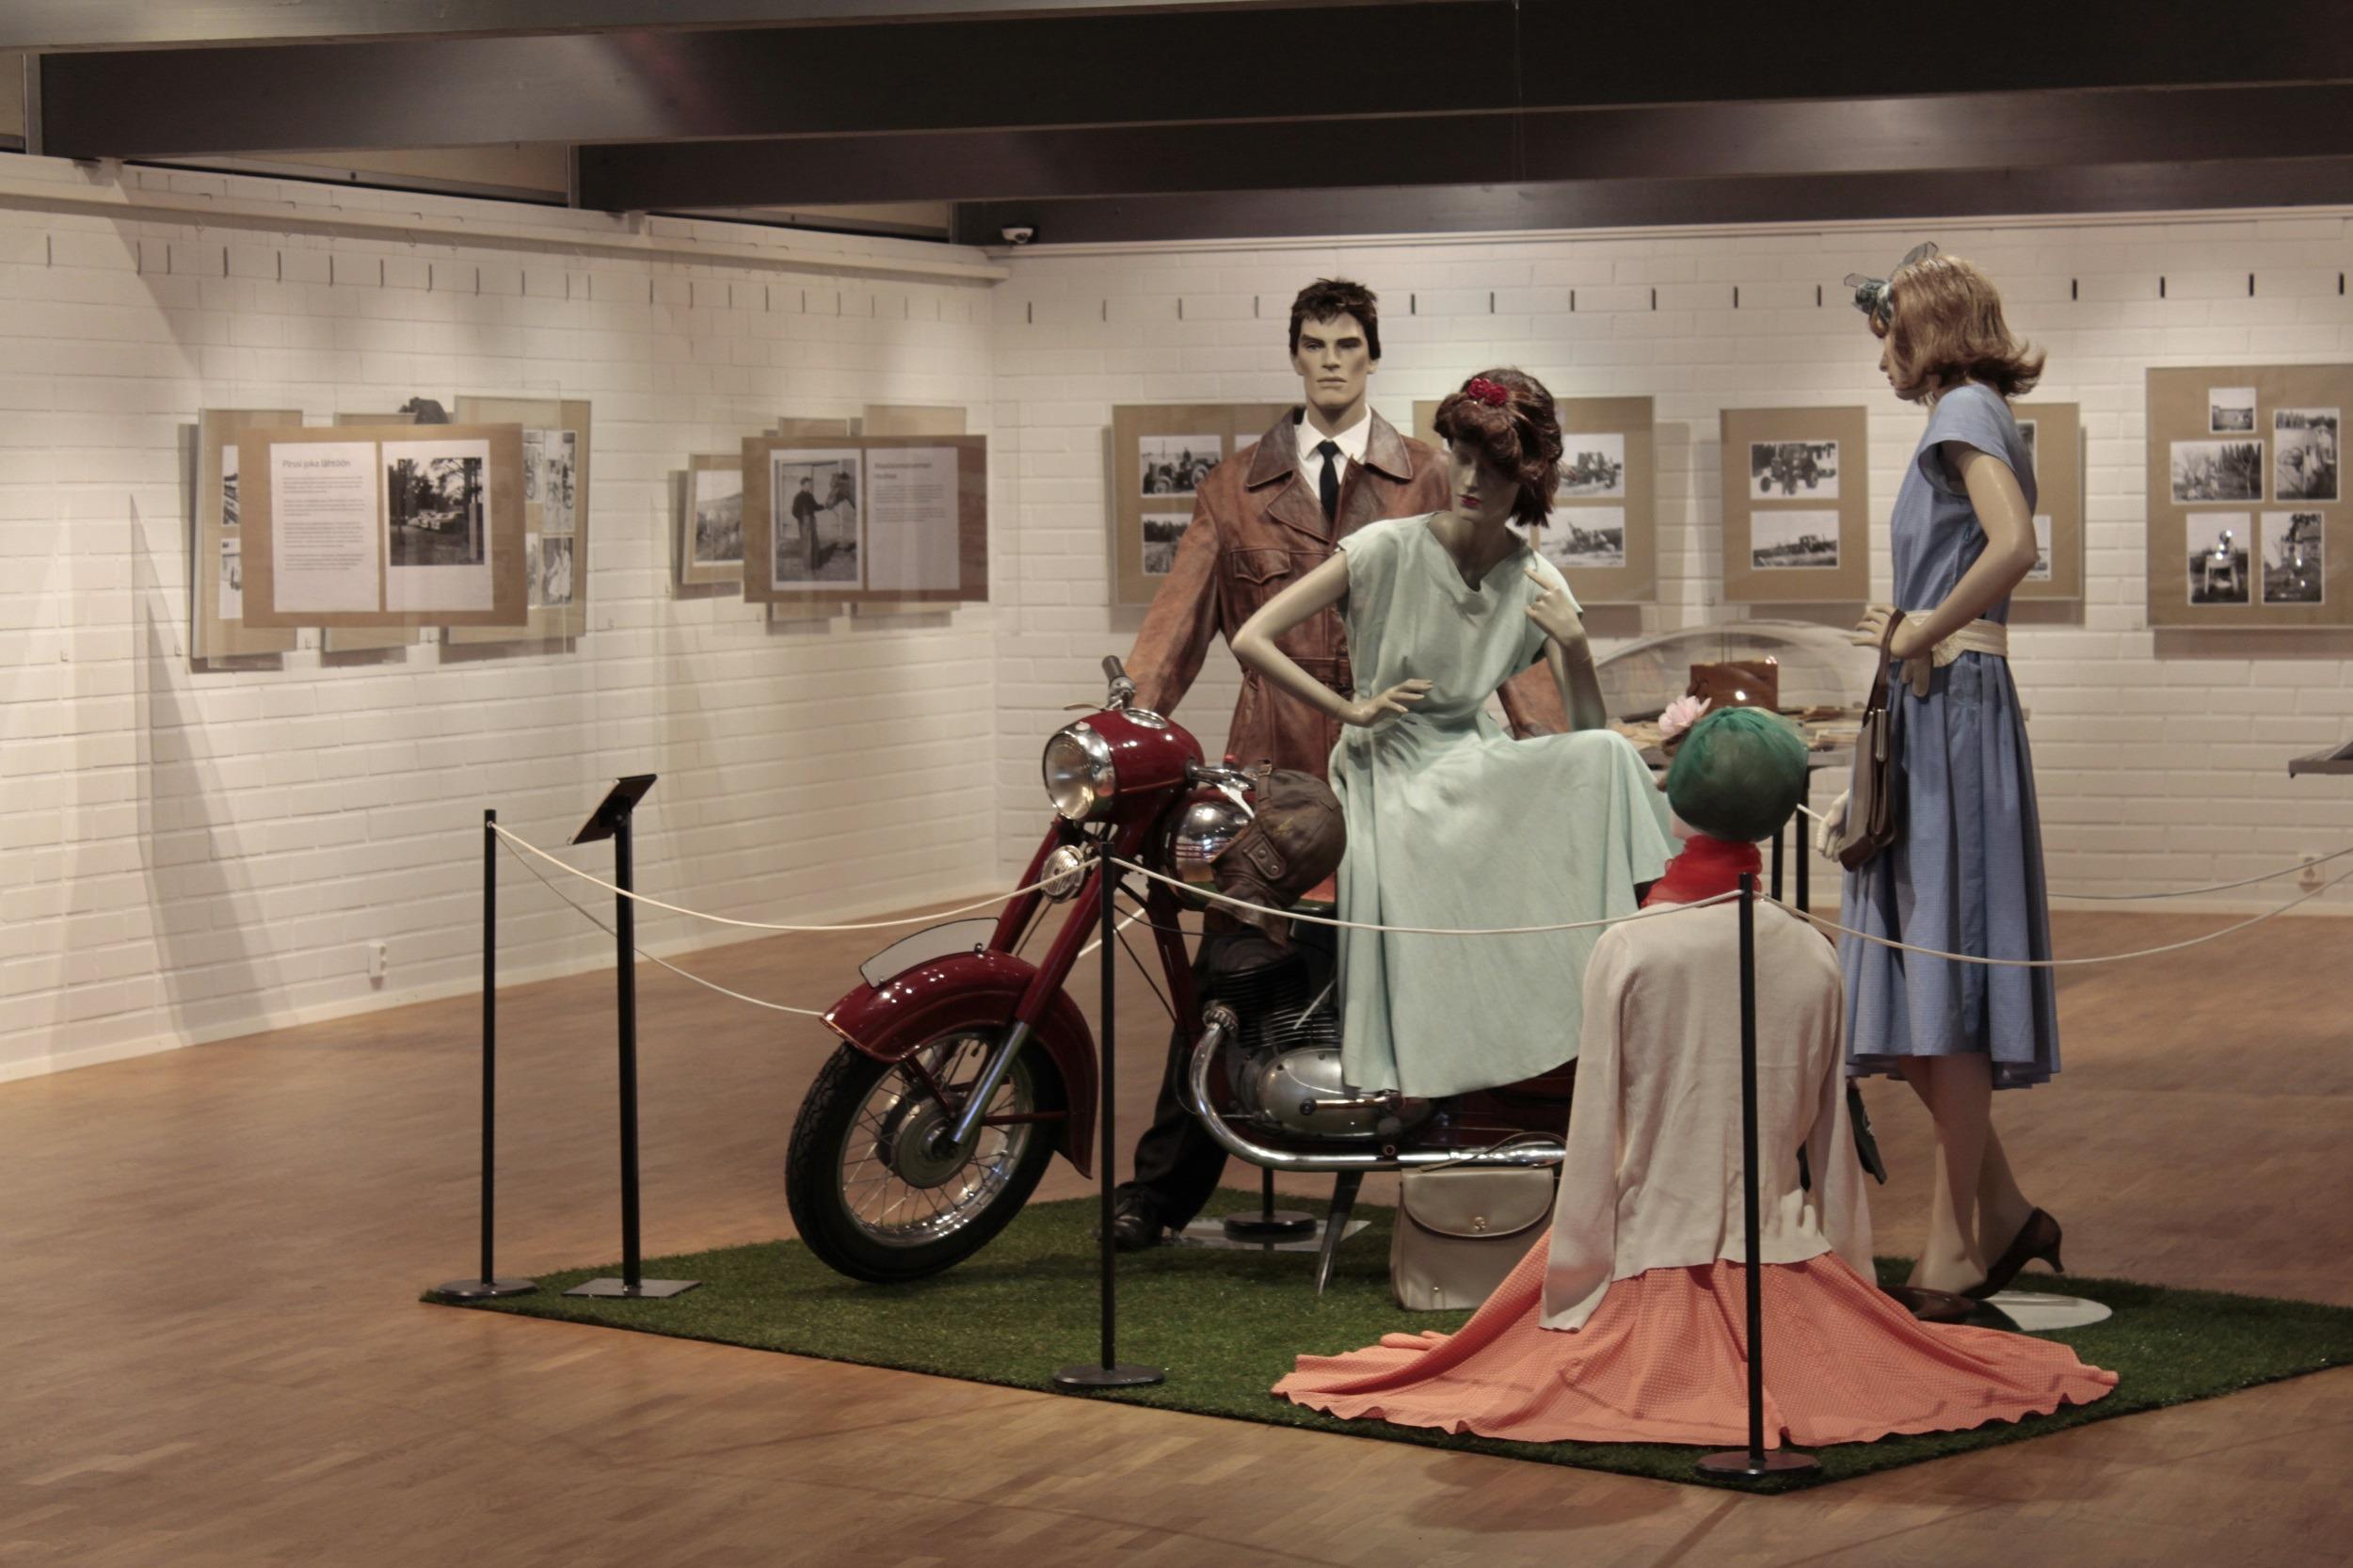 """Yleiskuva Harjulan Kilta ry:n valokuvanäyttelystä """"Koko pitäjä rakennettiin sit uudestas - Valokuvia 1950-luvun Harjavallasta"""" Emil Cedercreutzin museossa vuonna 2015."""